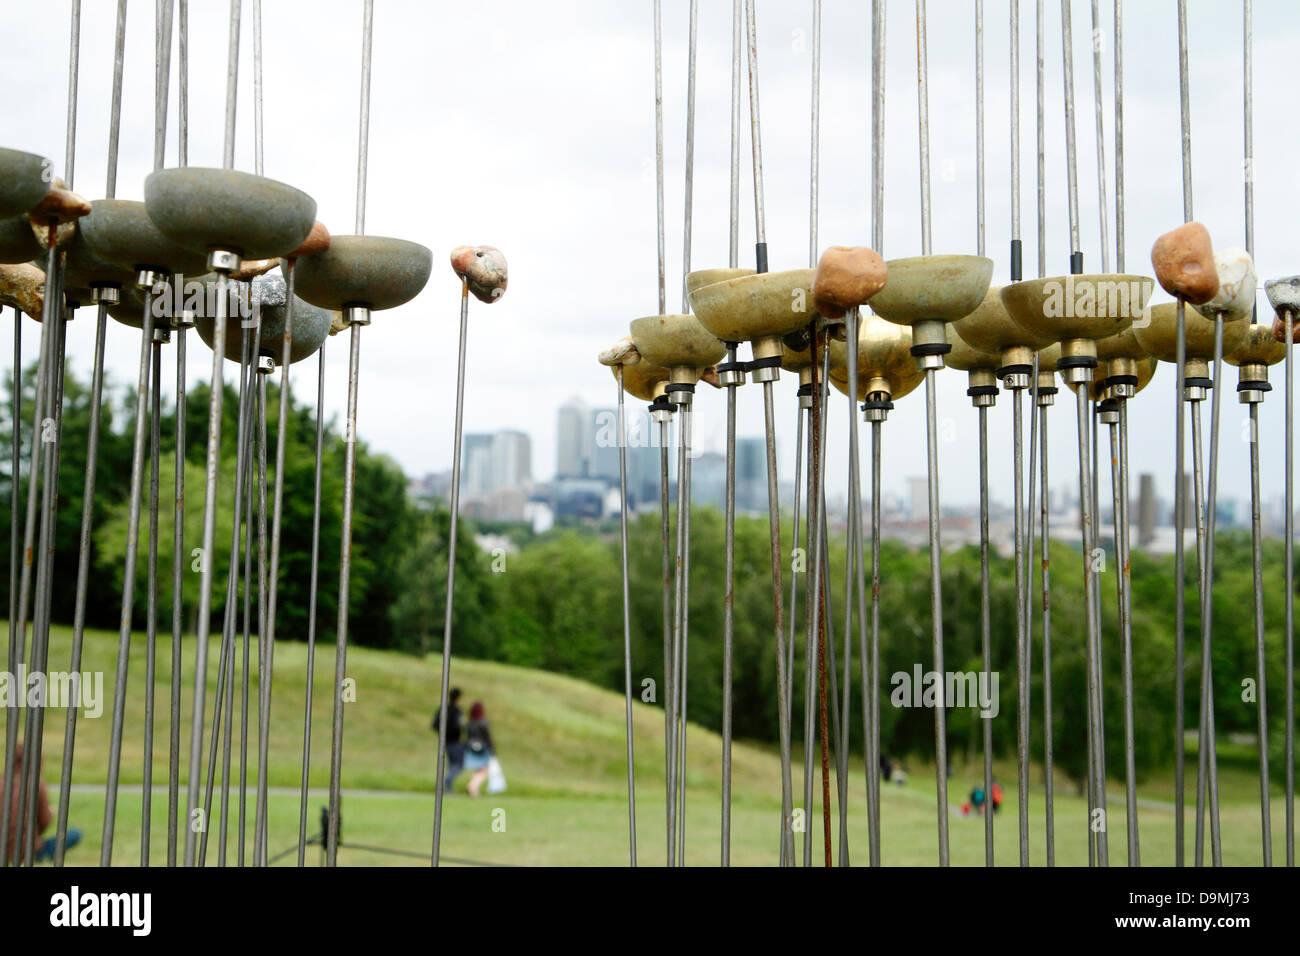 """'Sonic Reed Betten""""von Kathy Hinde, einer der neun Wind angetrieben Klanginstallationen, aus denen sich Stockbild"""